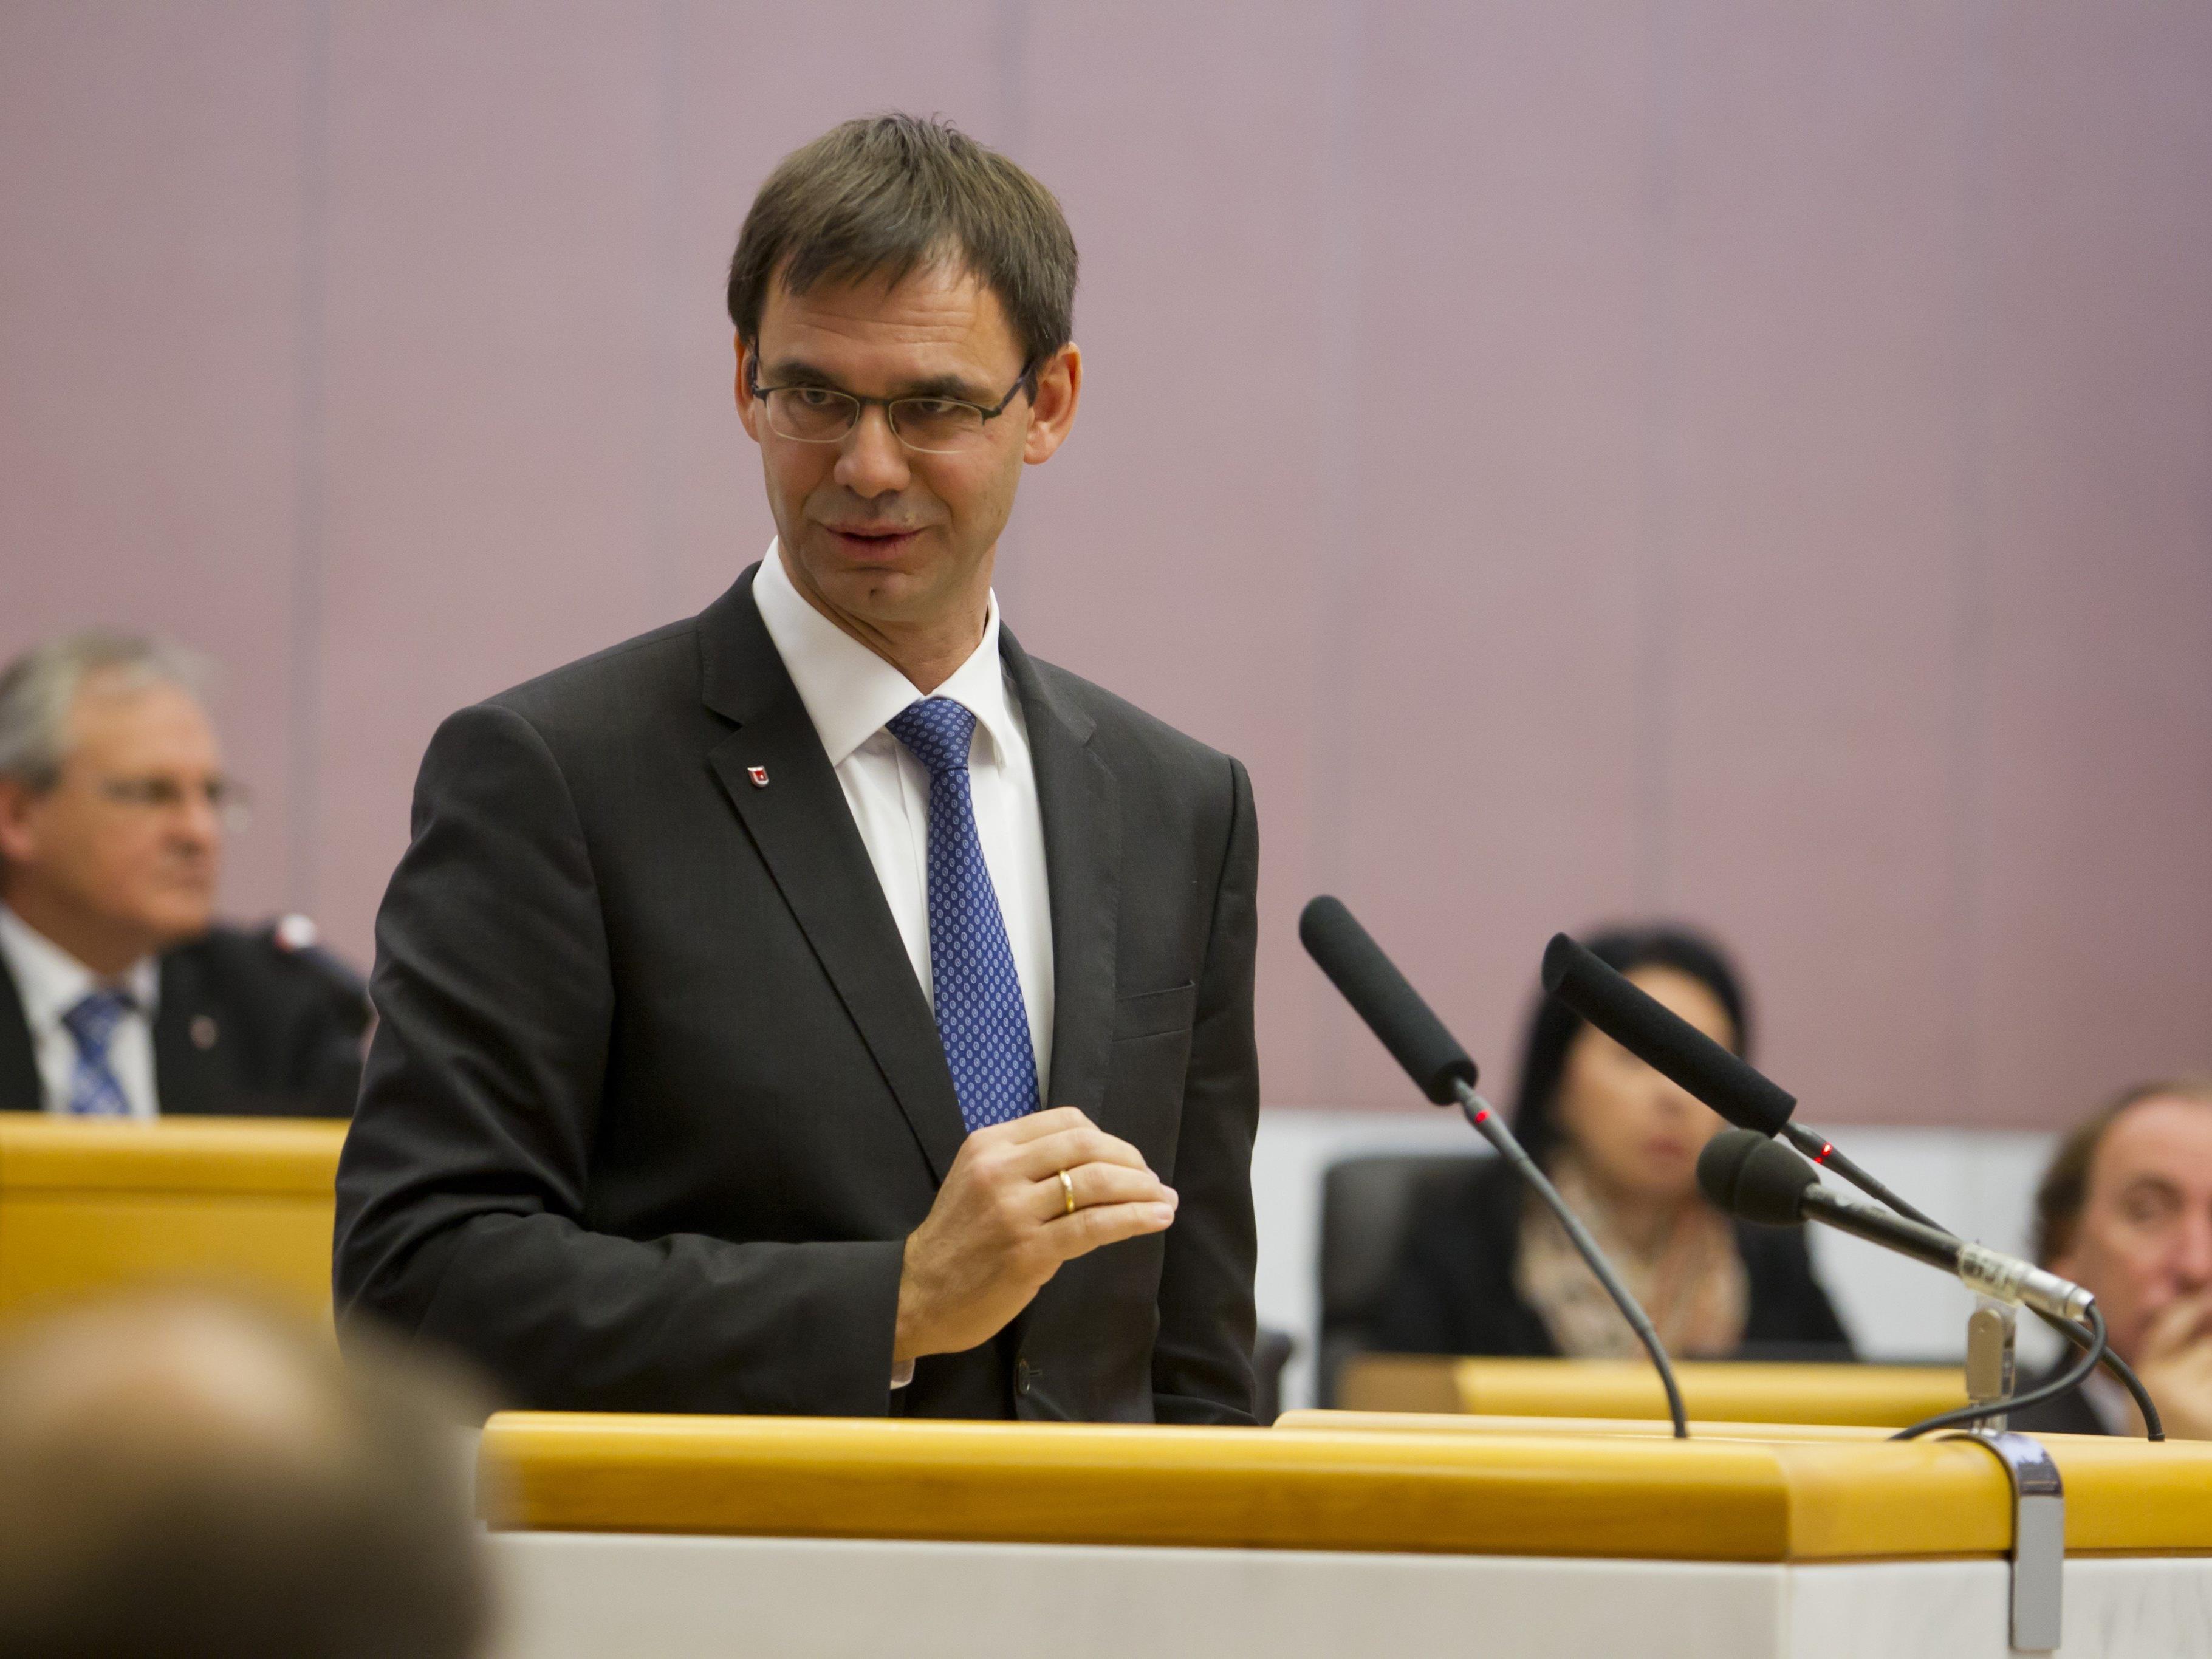 Markus Wallner unterstützt den Kurs von Parteichef Mitterlehner, der sich deutlicher von der FPÖ abgrenzen will.